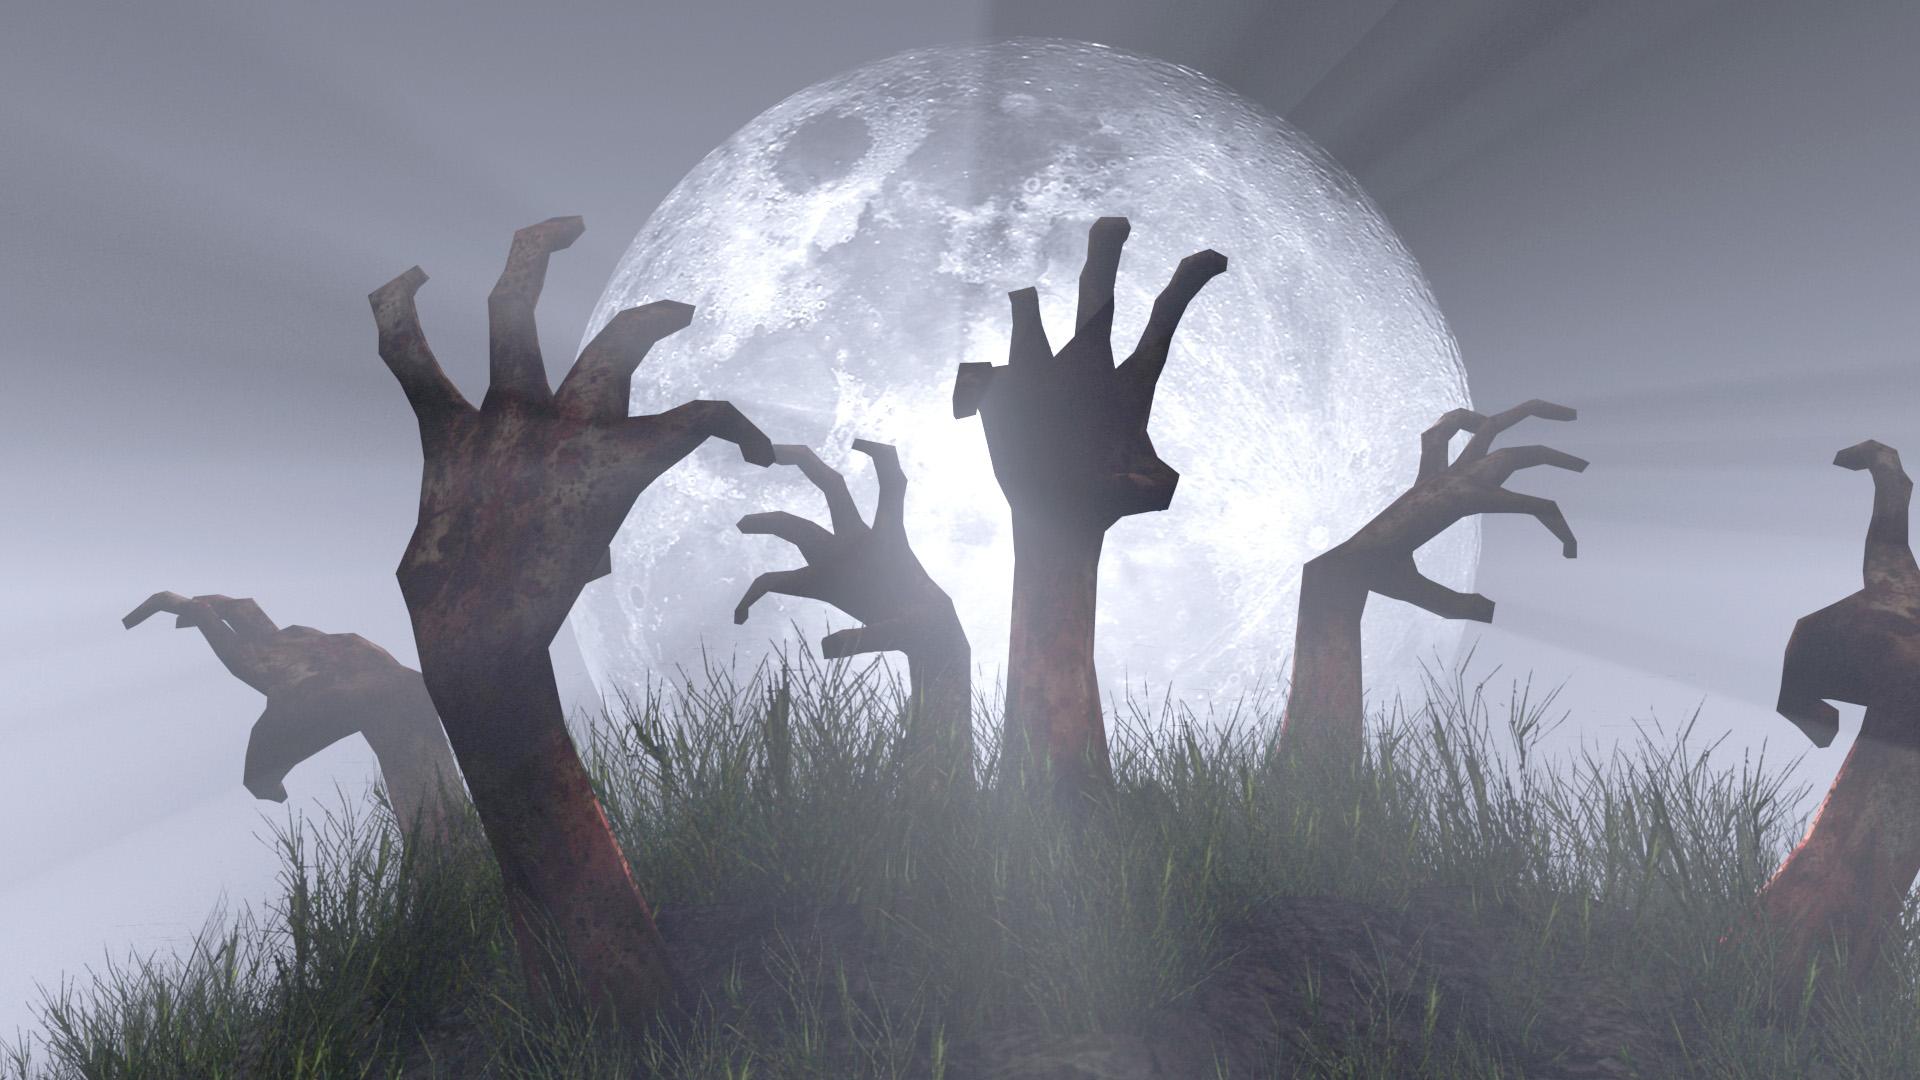 zombie hands phenomenon, Raynaud Phenomenon, Raynaud Phenomenon: The Zombie Hands phenomenon that mysteifies doctors since 150 years.